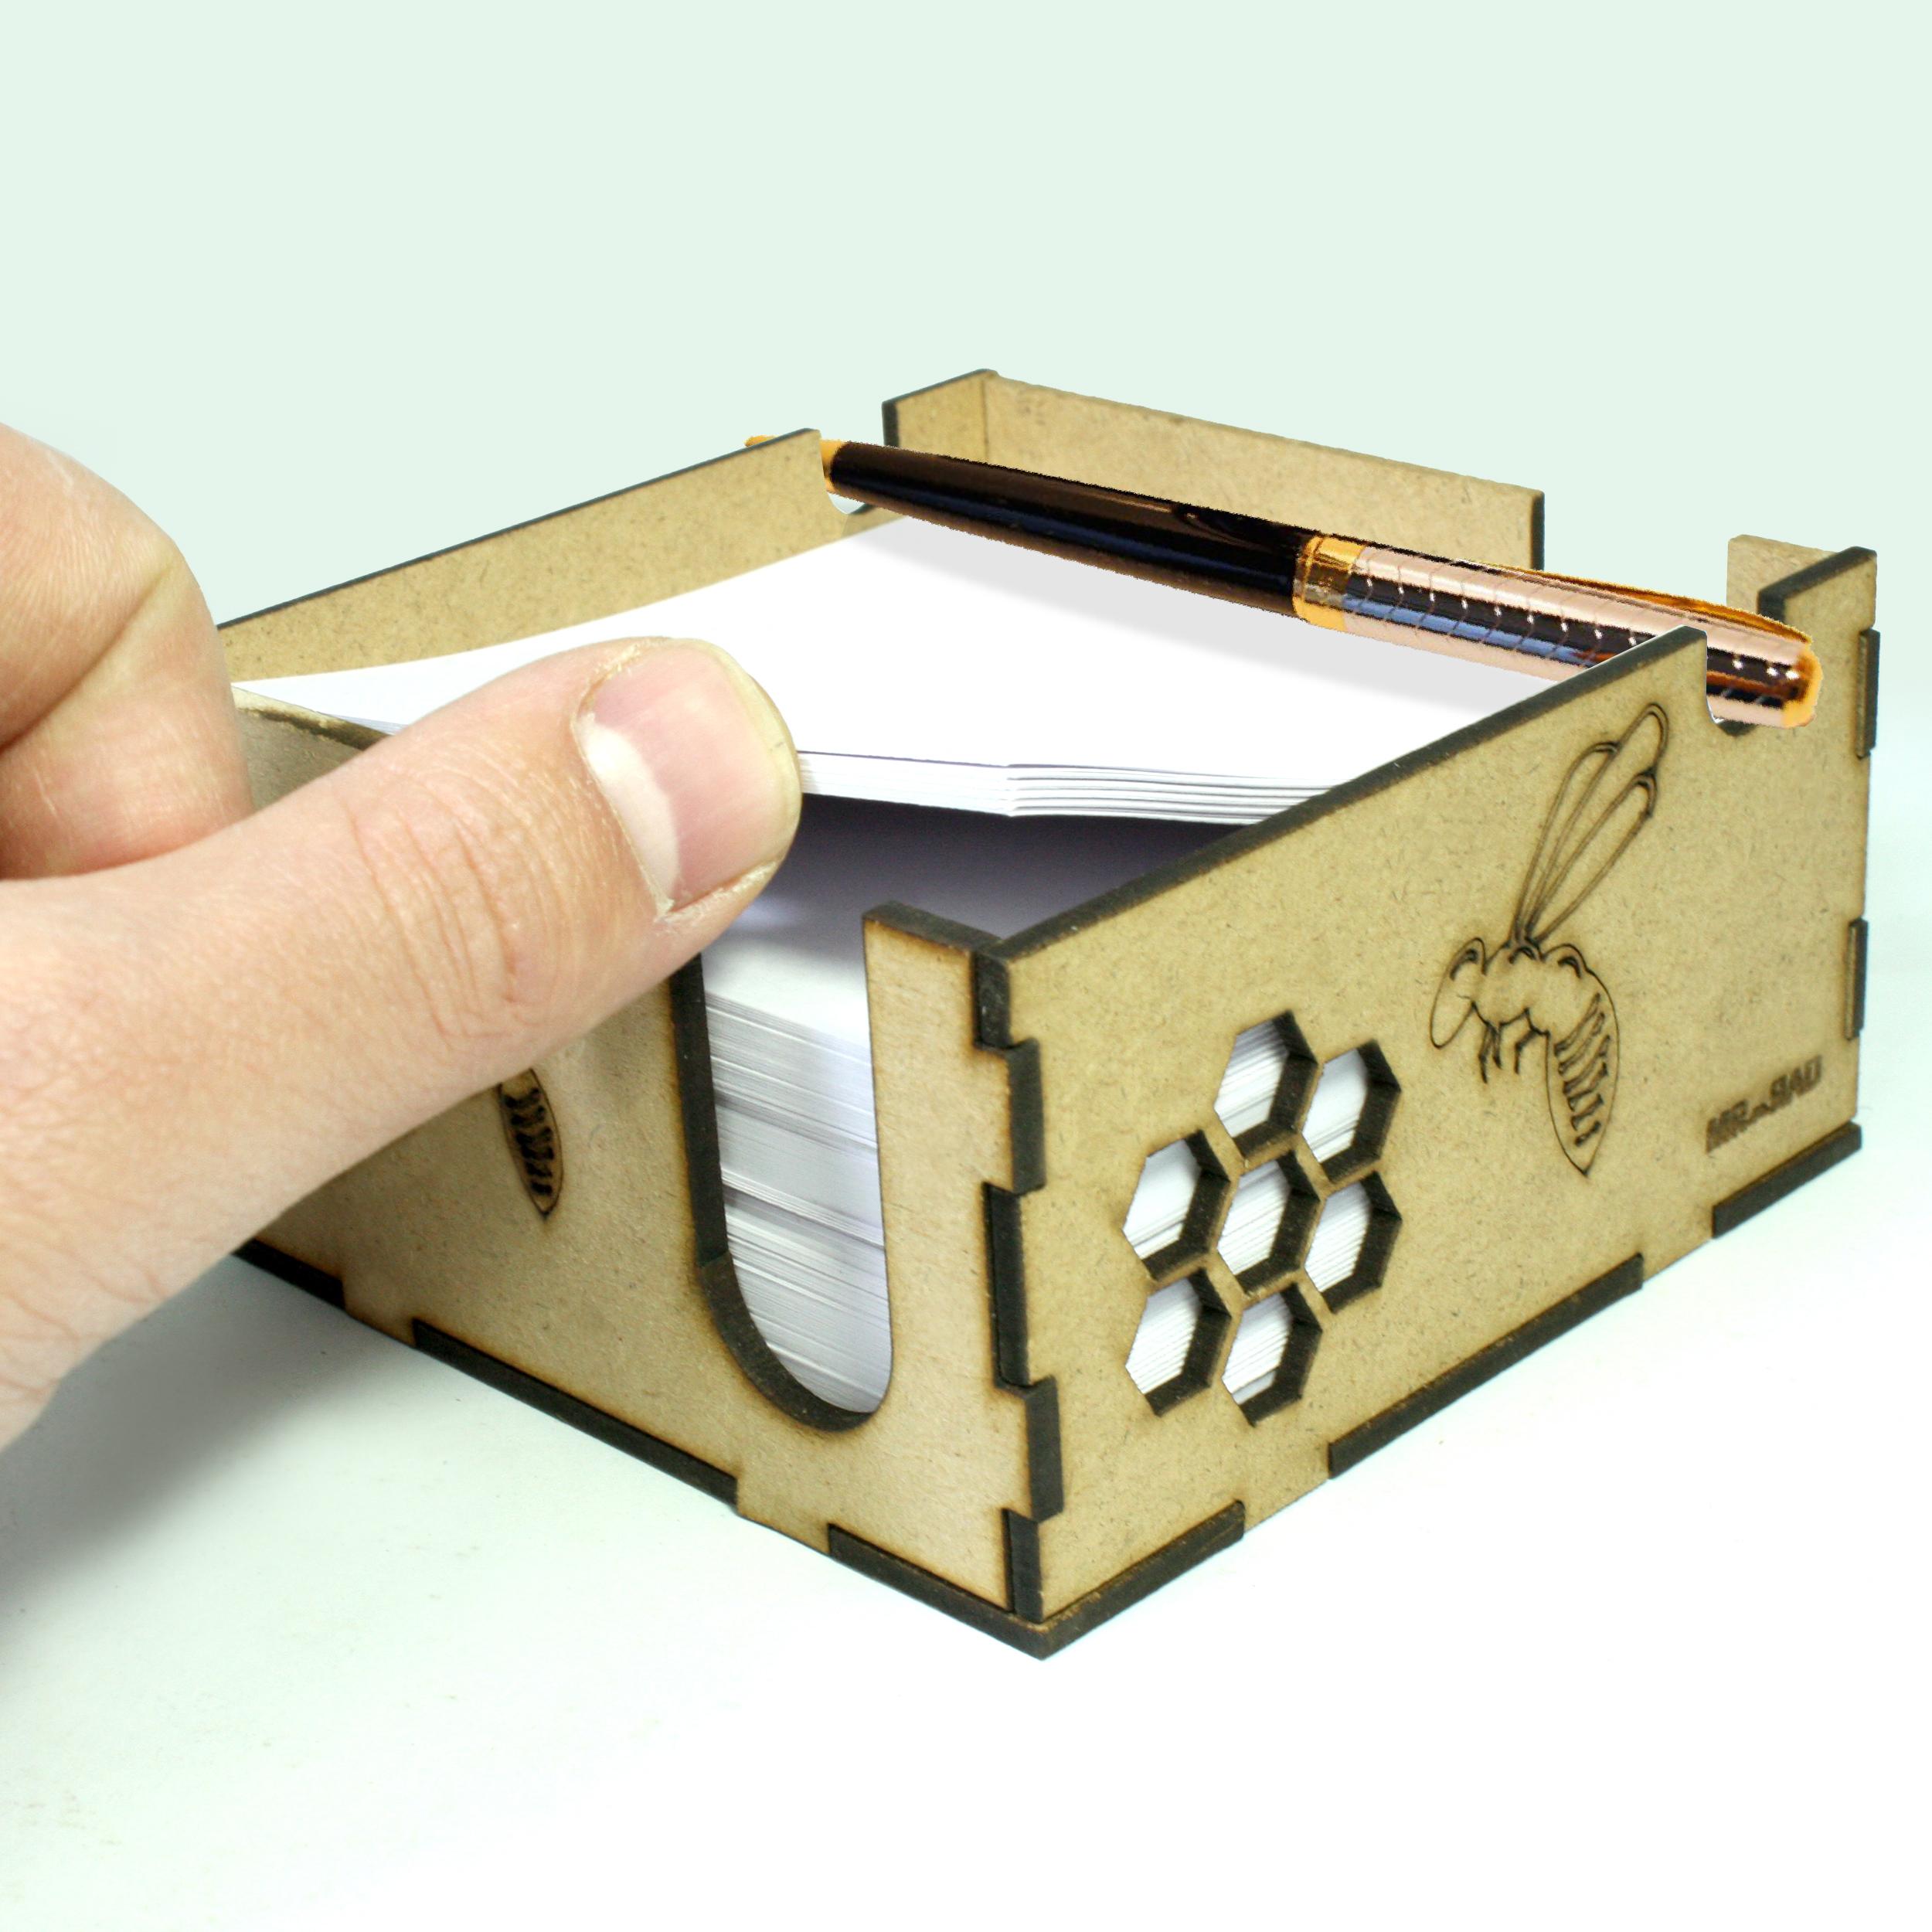 جای کاغذ یادداشت FG مدل زنبوری کد 1414 به همراه کاغذ